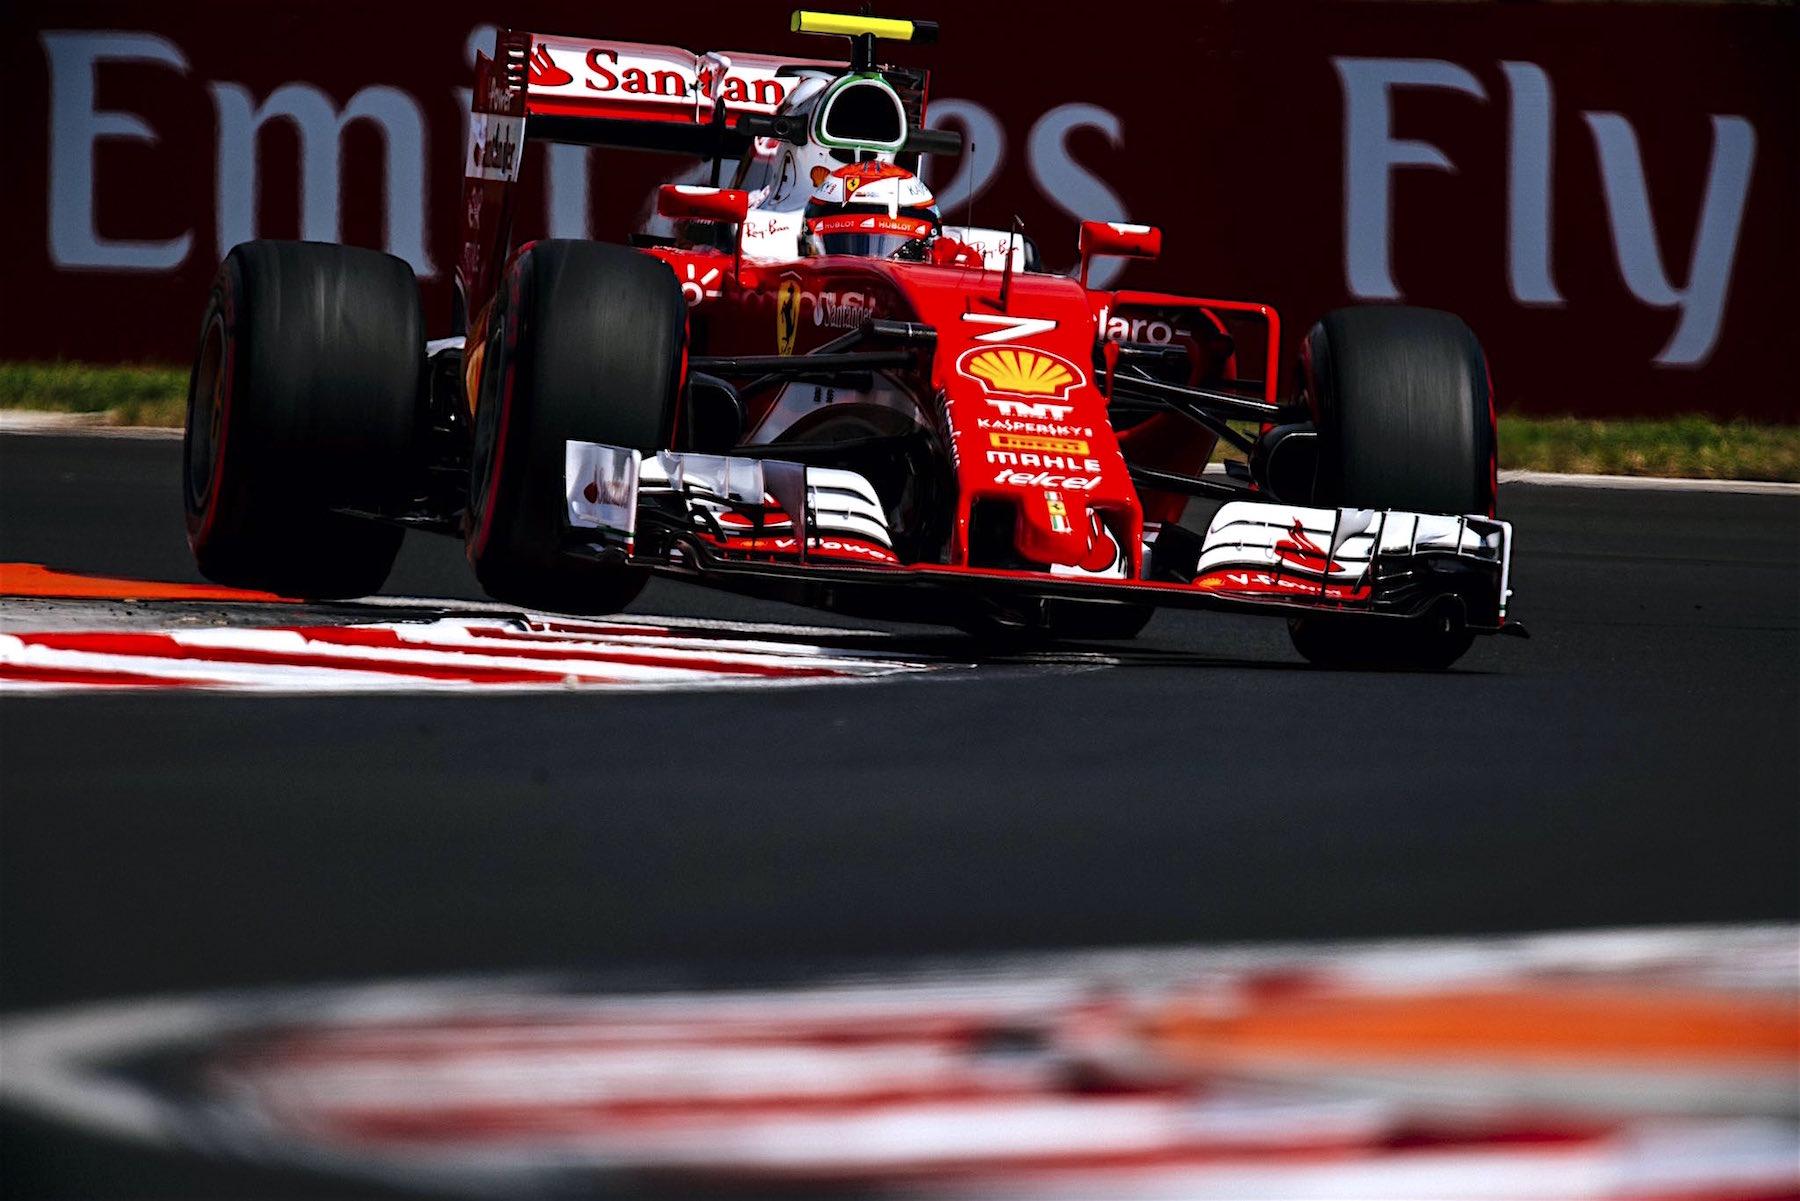 Salracing | Kimi Raikkonen | Scuderia Ferrari